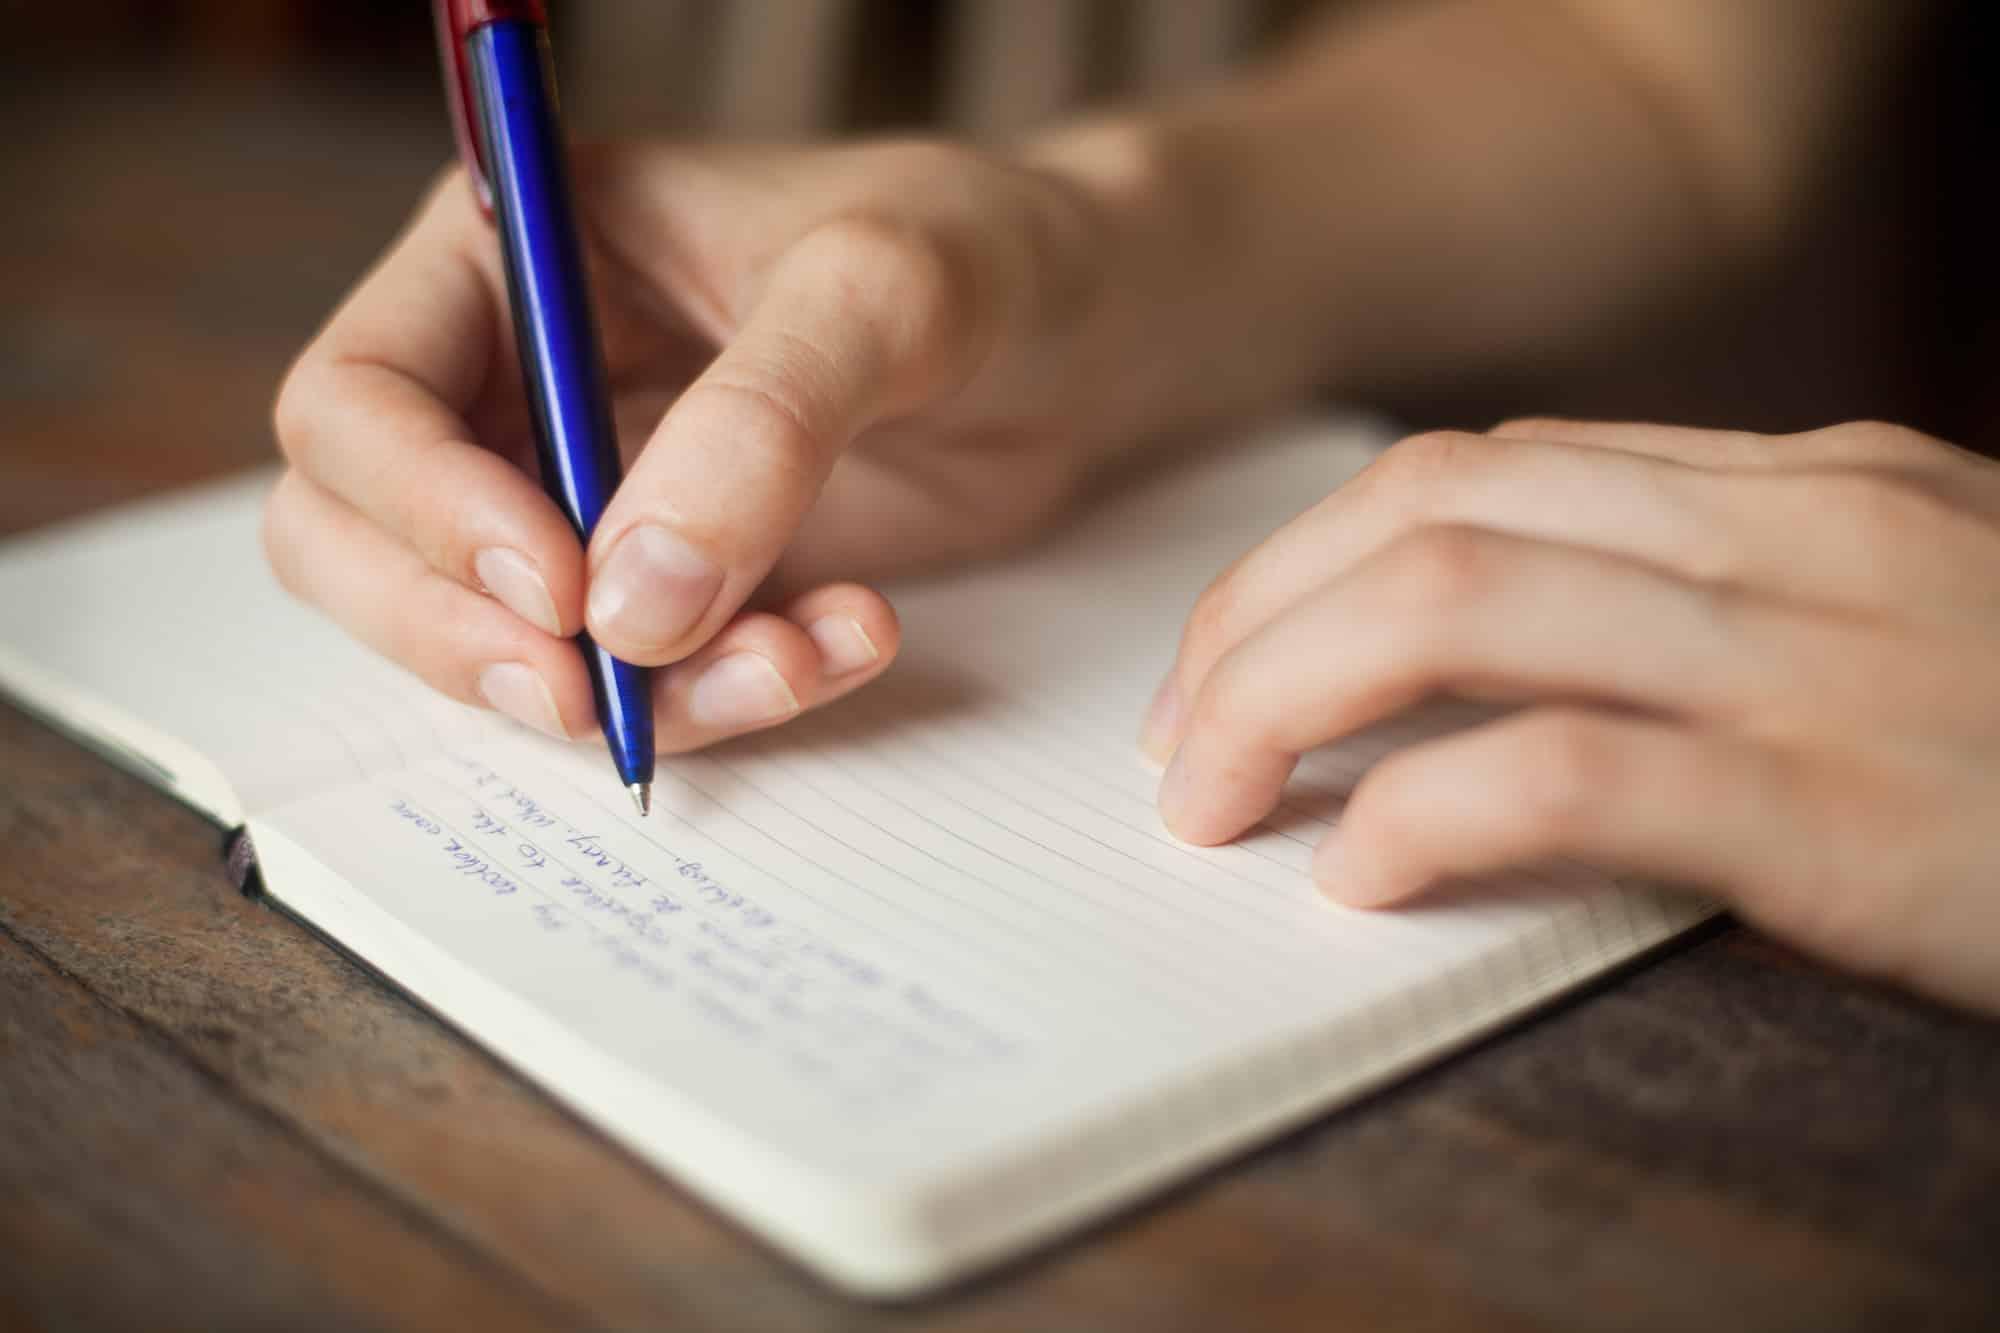 Tagebuch schreiben: 7 gute Gründe + 8 Tipps zum Durchstarten